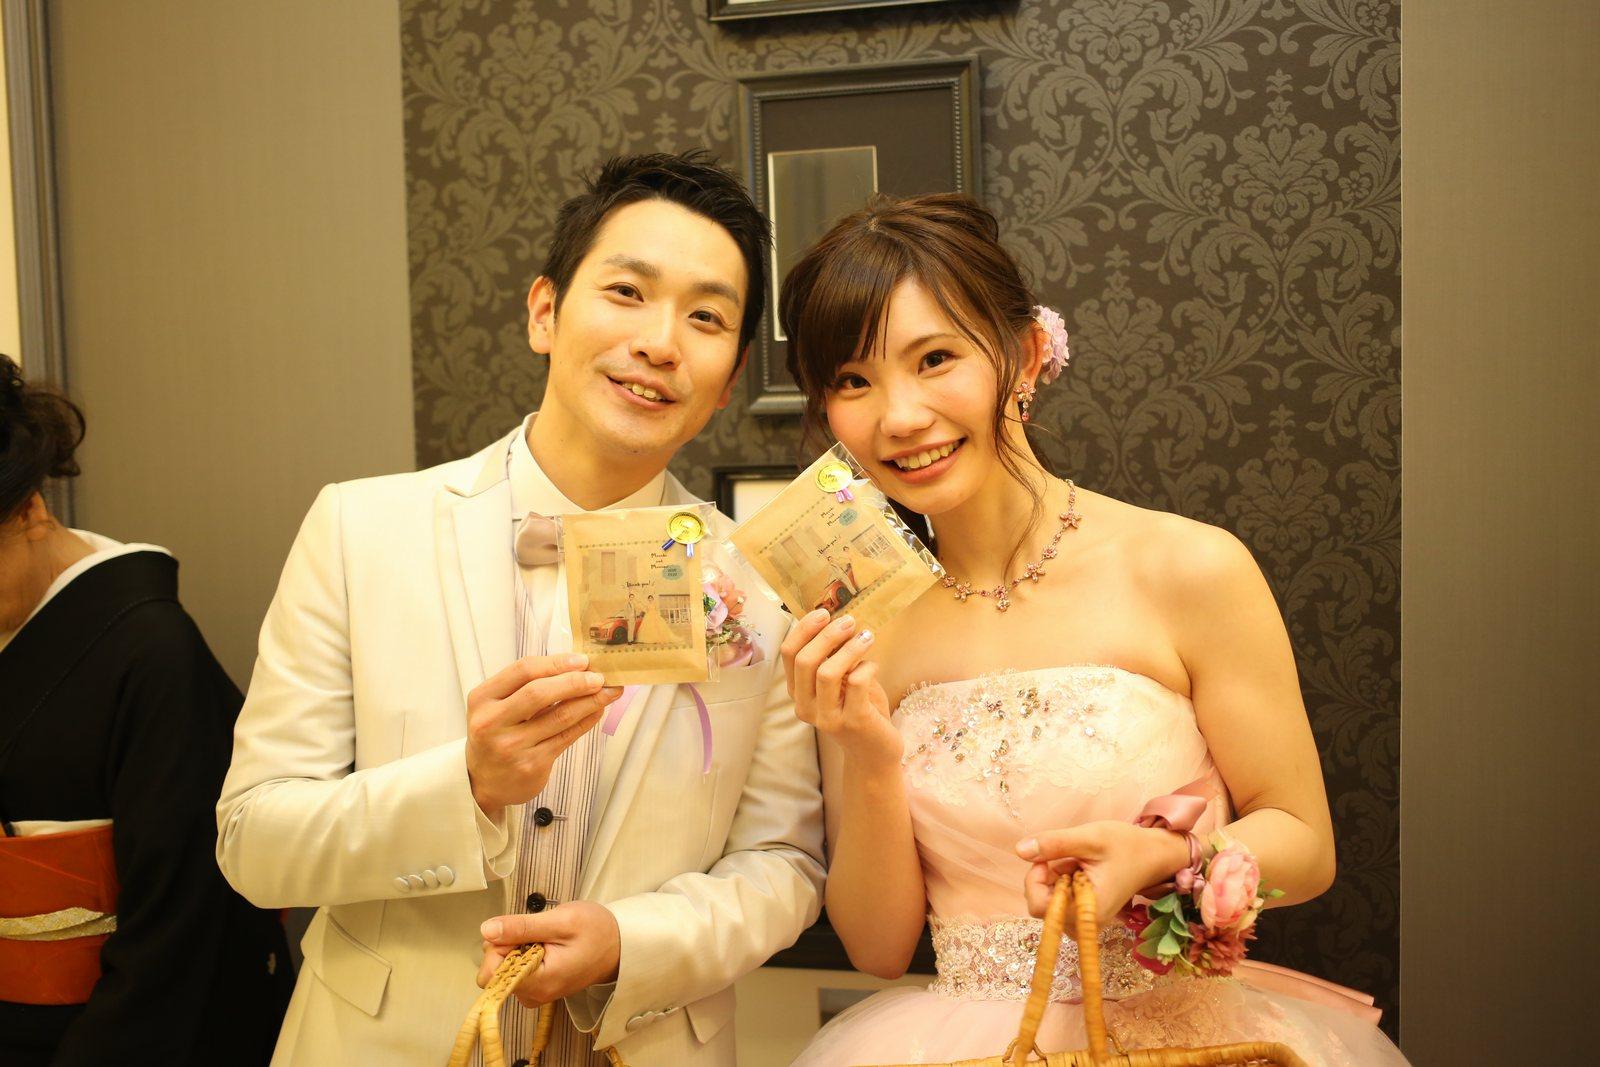 徳島市の結婚式場ブランアンジュでお見送りしている新郎新婦